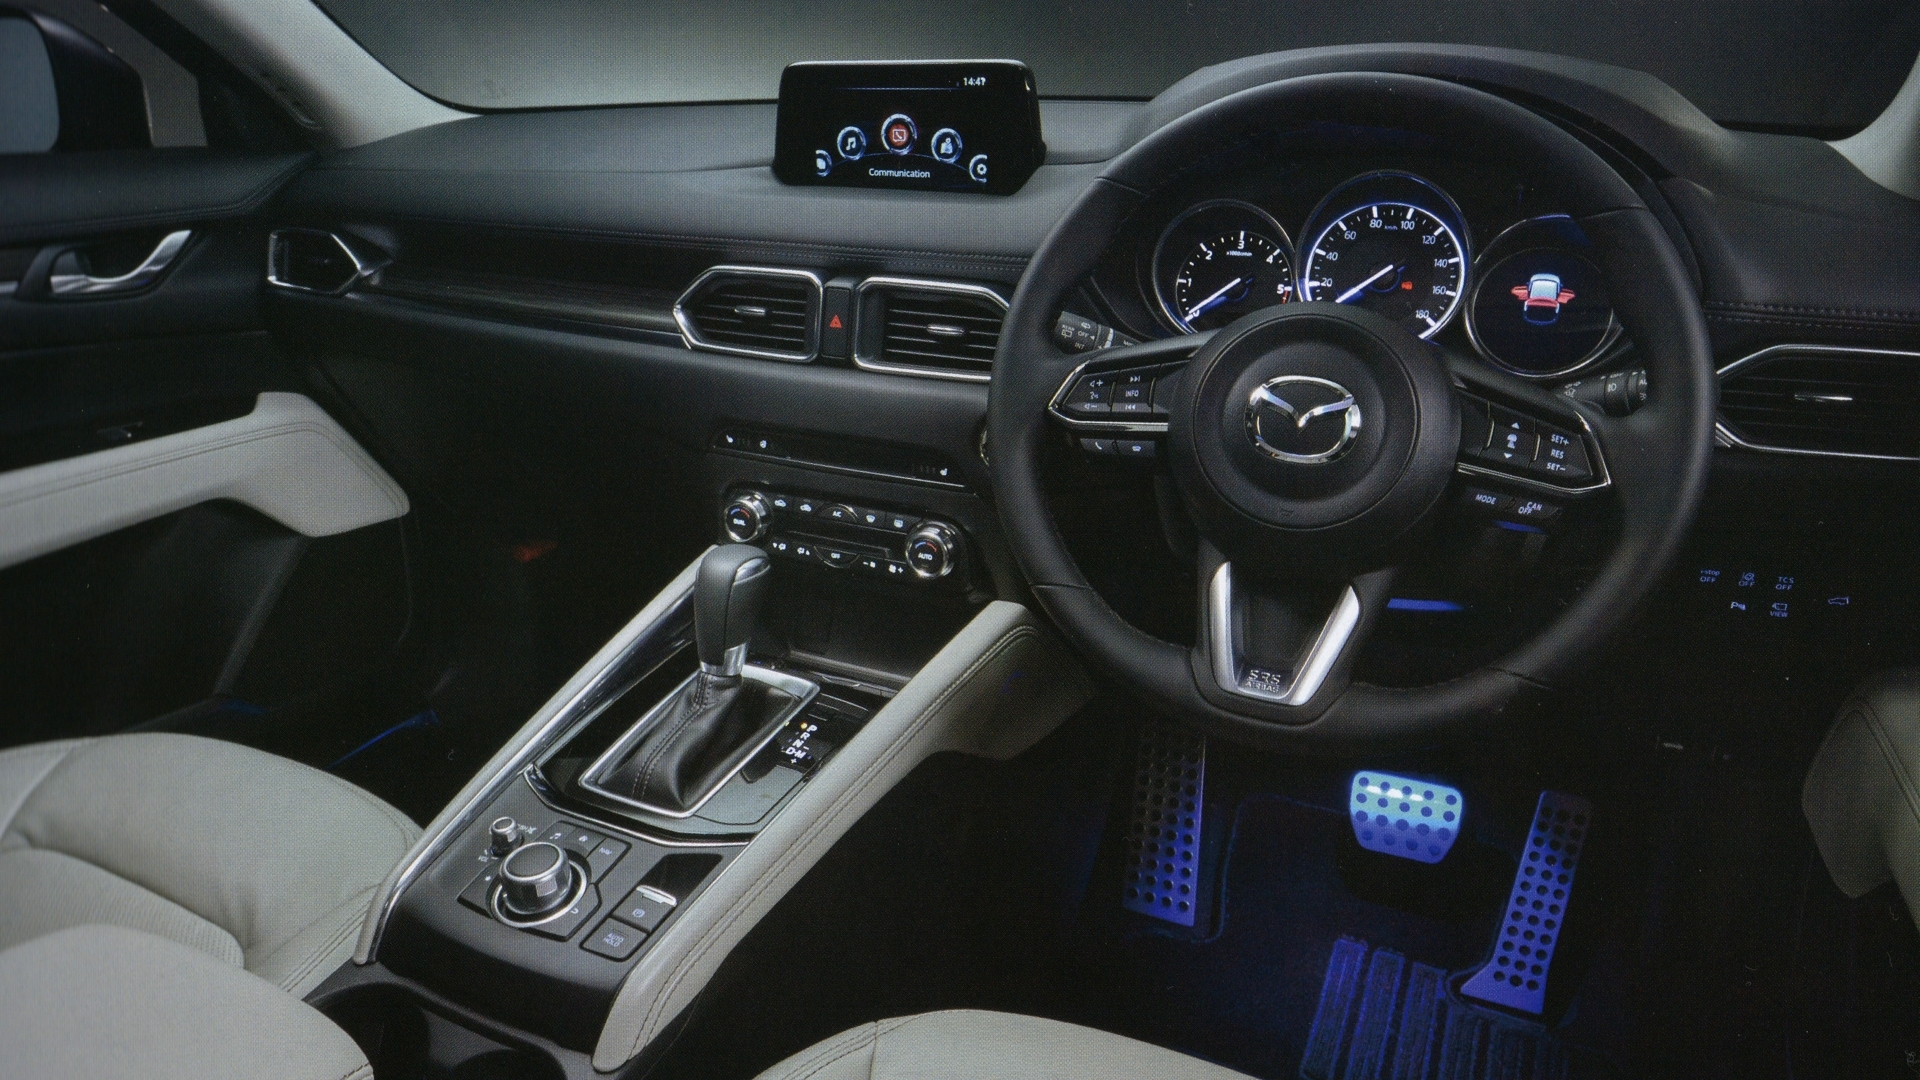 マツダ CX-5 XDプロアクティブ 内装の感想